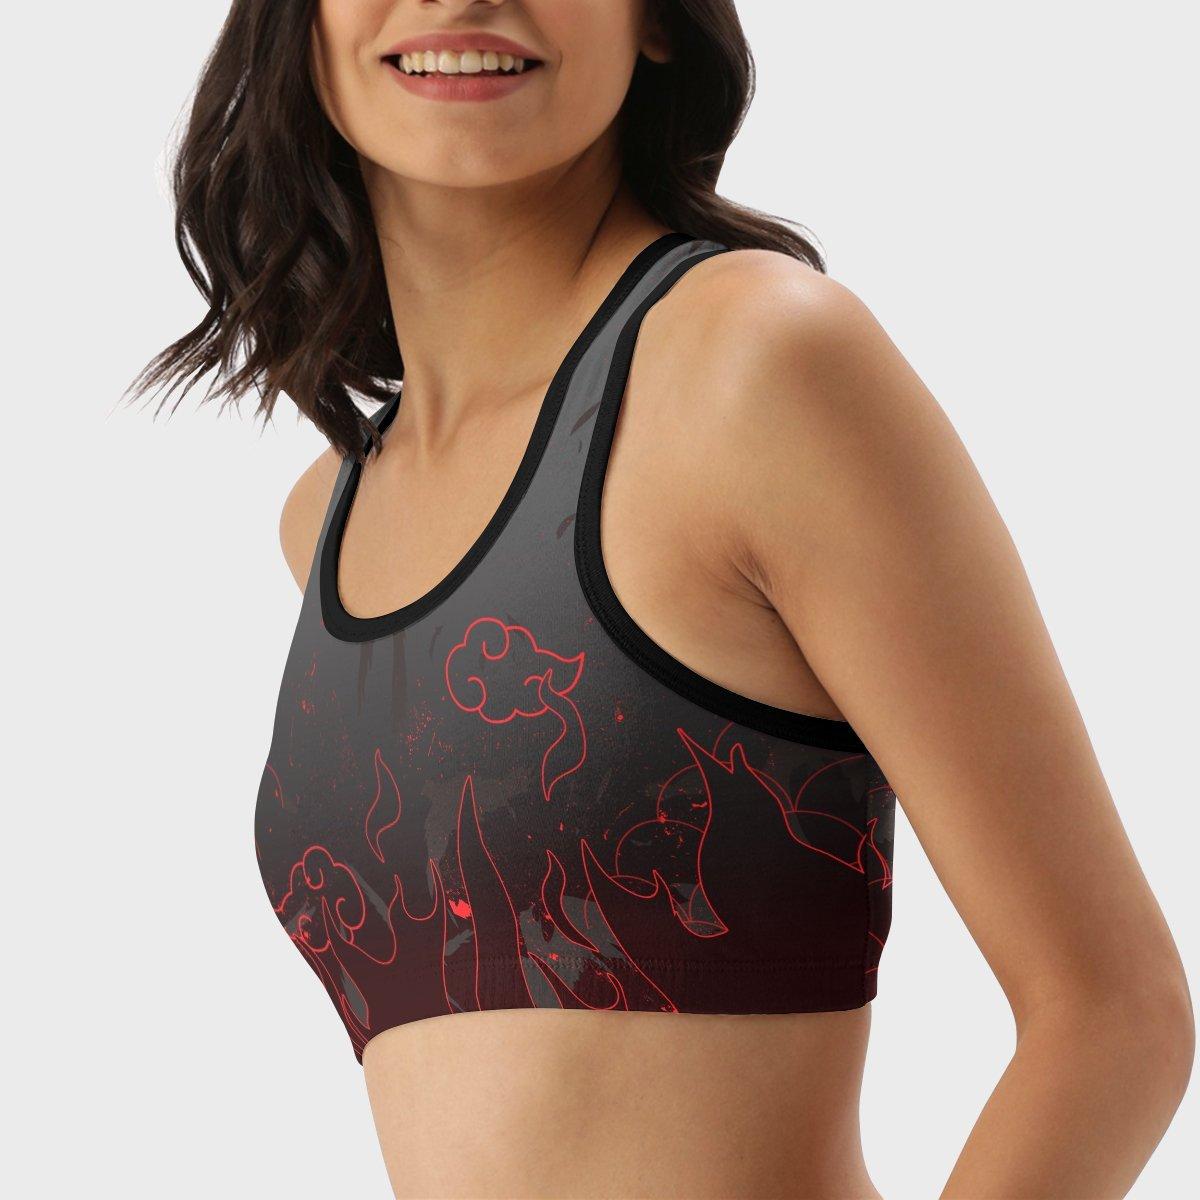 uchiha emblem active wear set 162328 - Anime Swimsuits